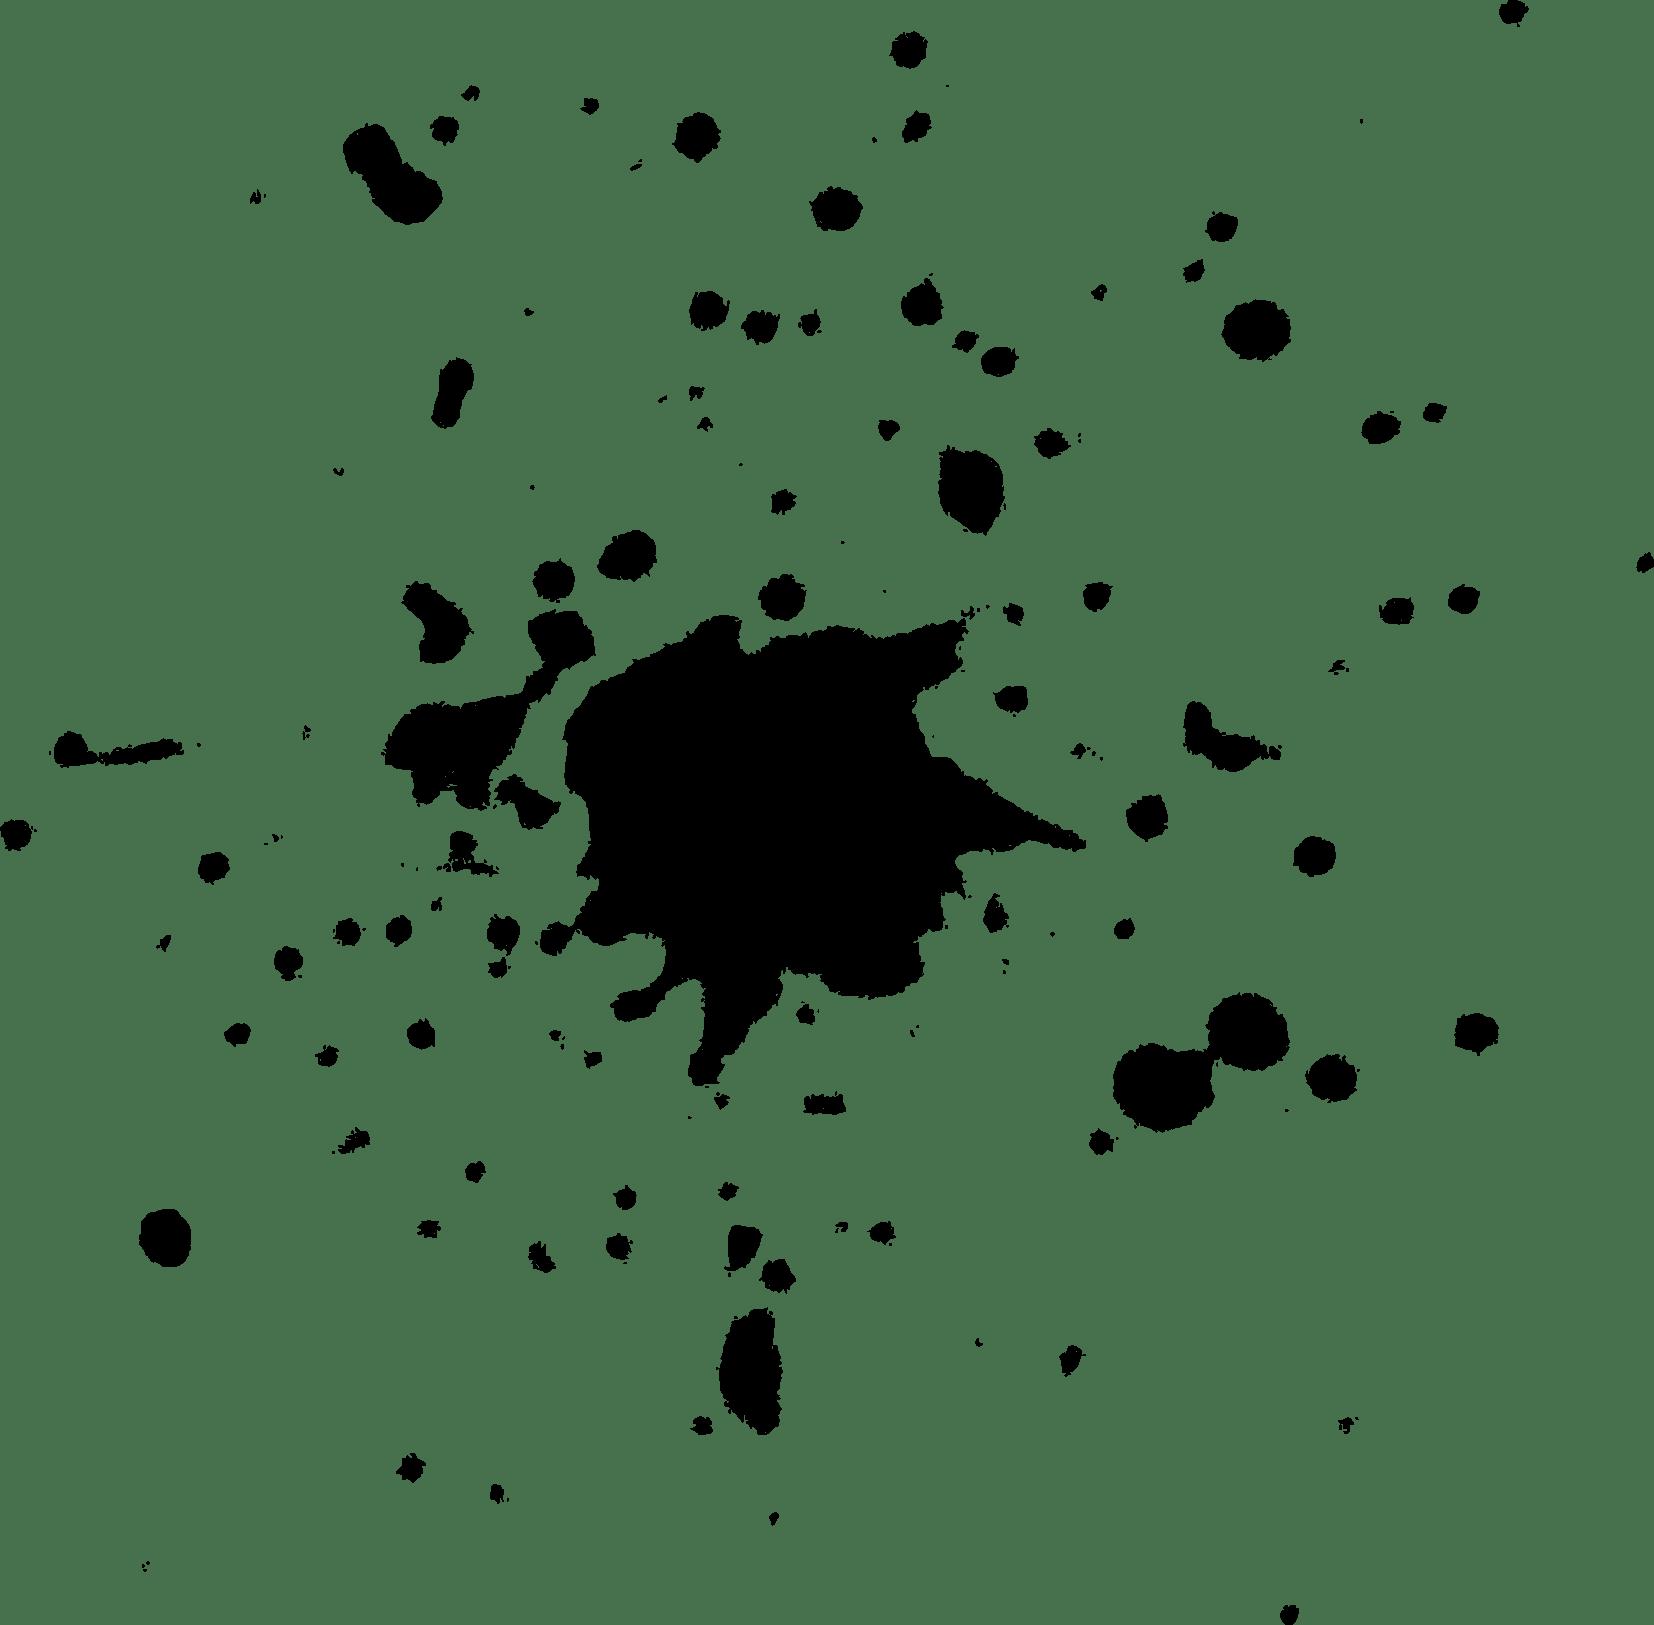 19 Black Paint Splatters Transparent Vol 2